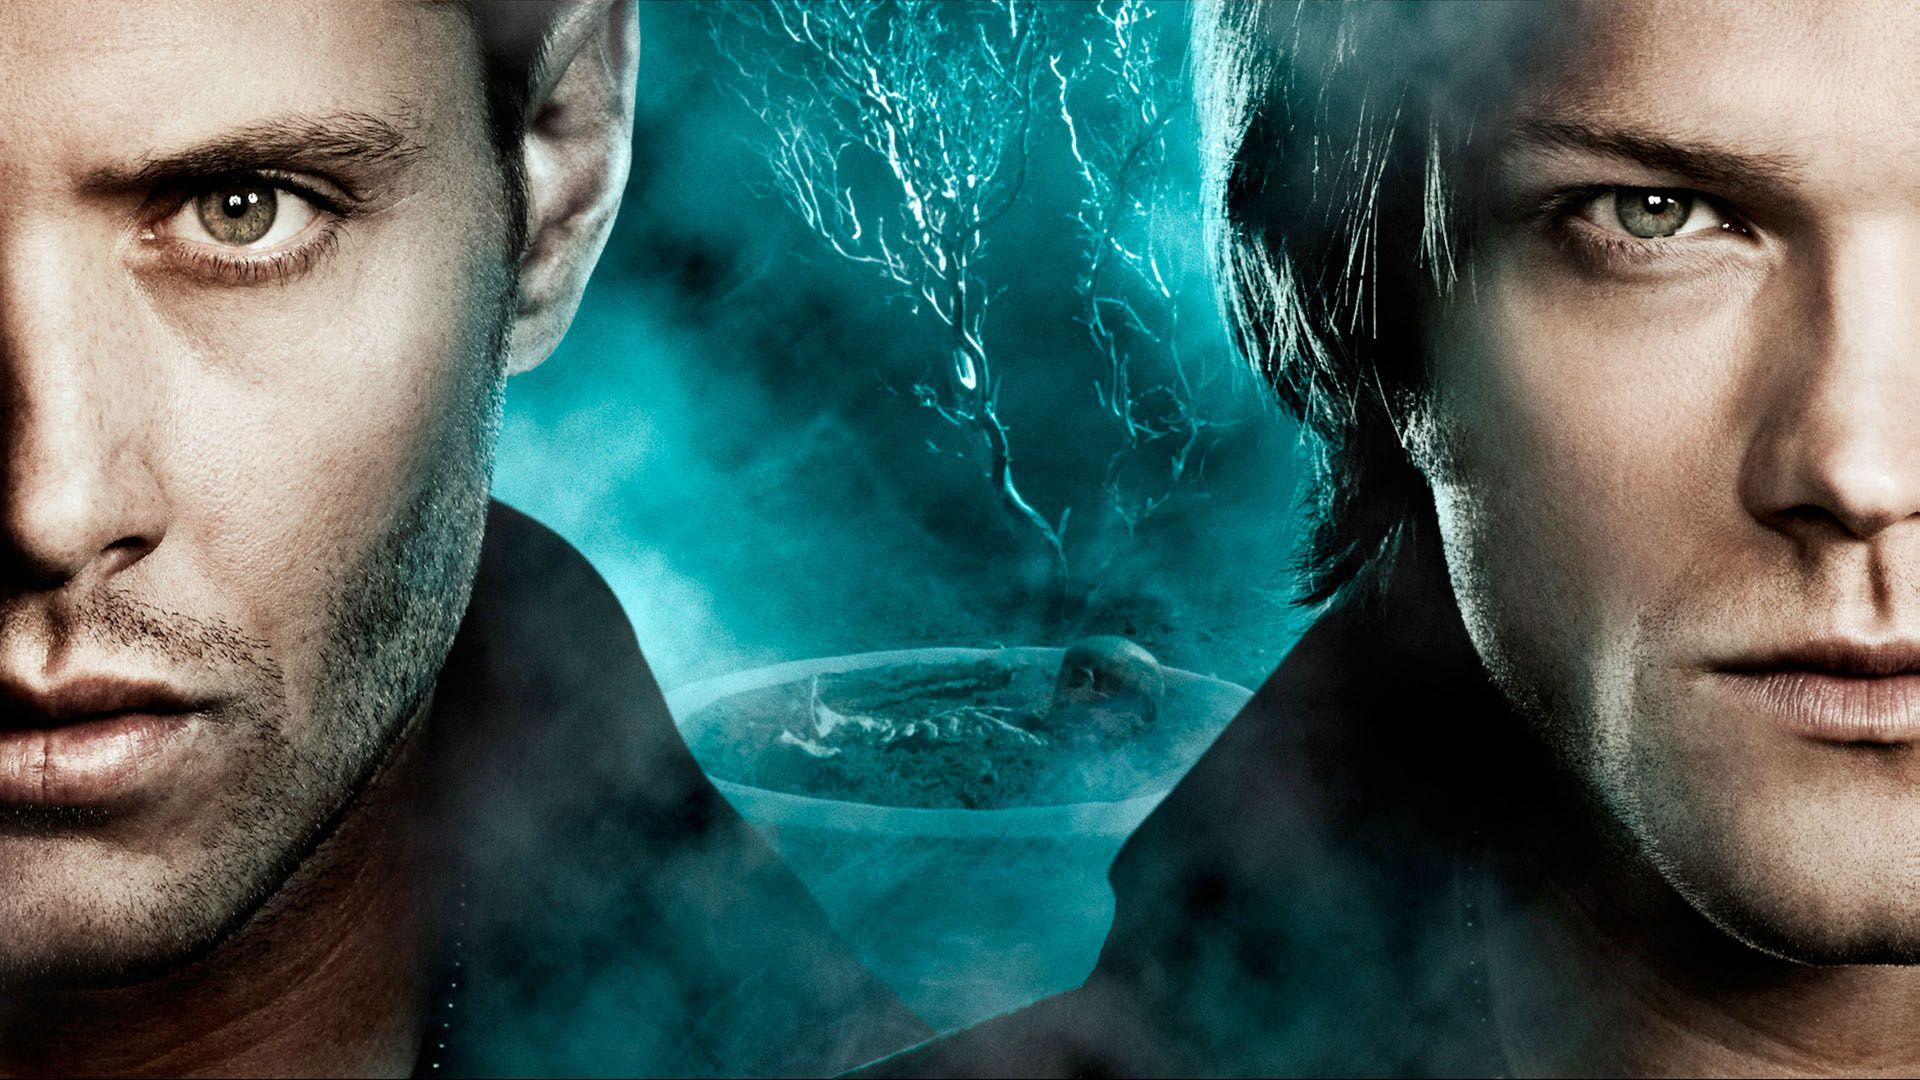 смотреть онлайн сверхъестественное 15 серия 10 сезон